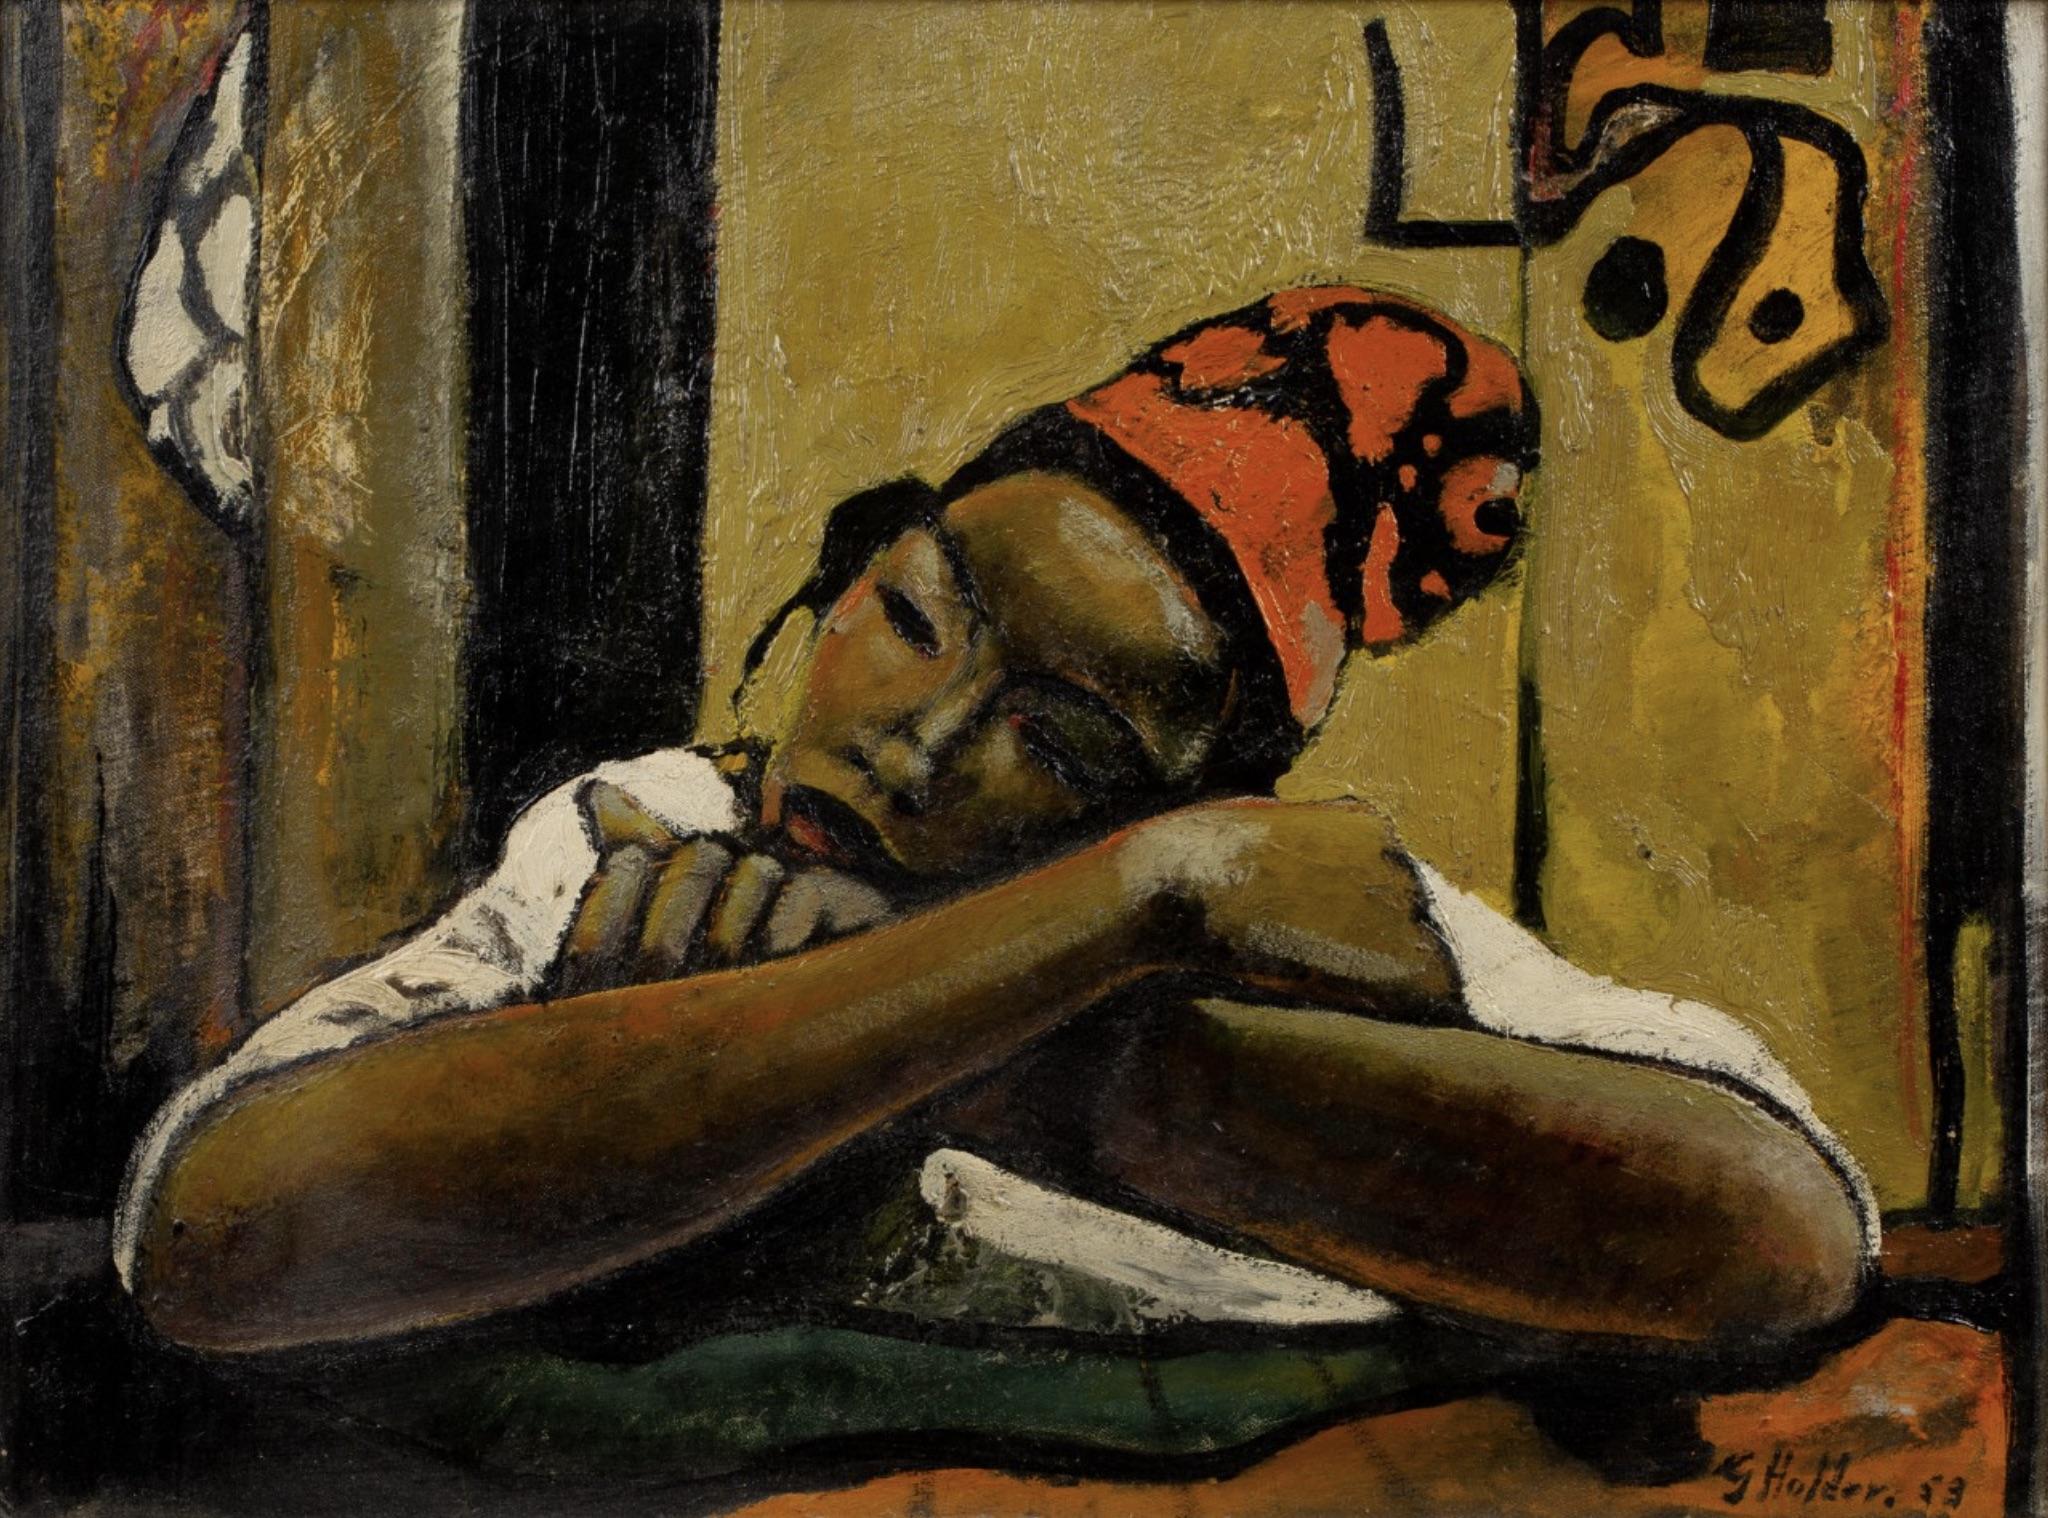 A Sleeping Boy by Geoffrey Holder